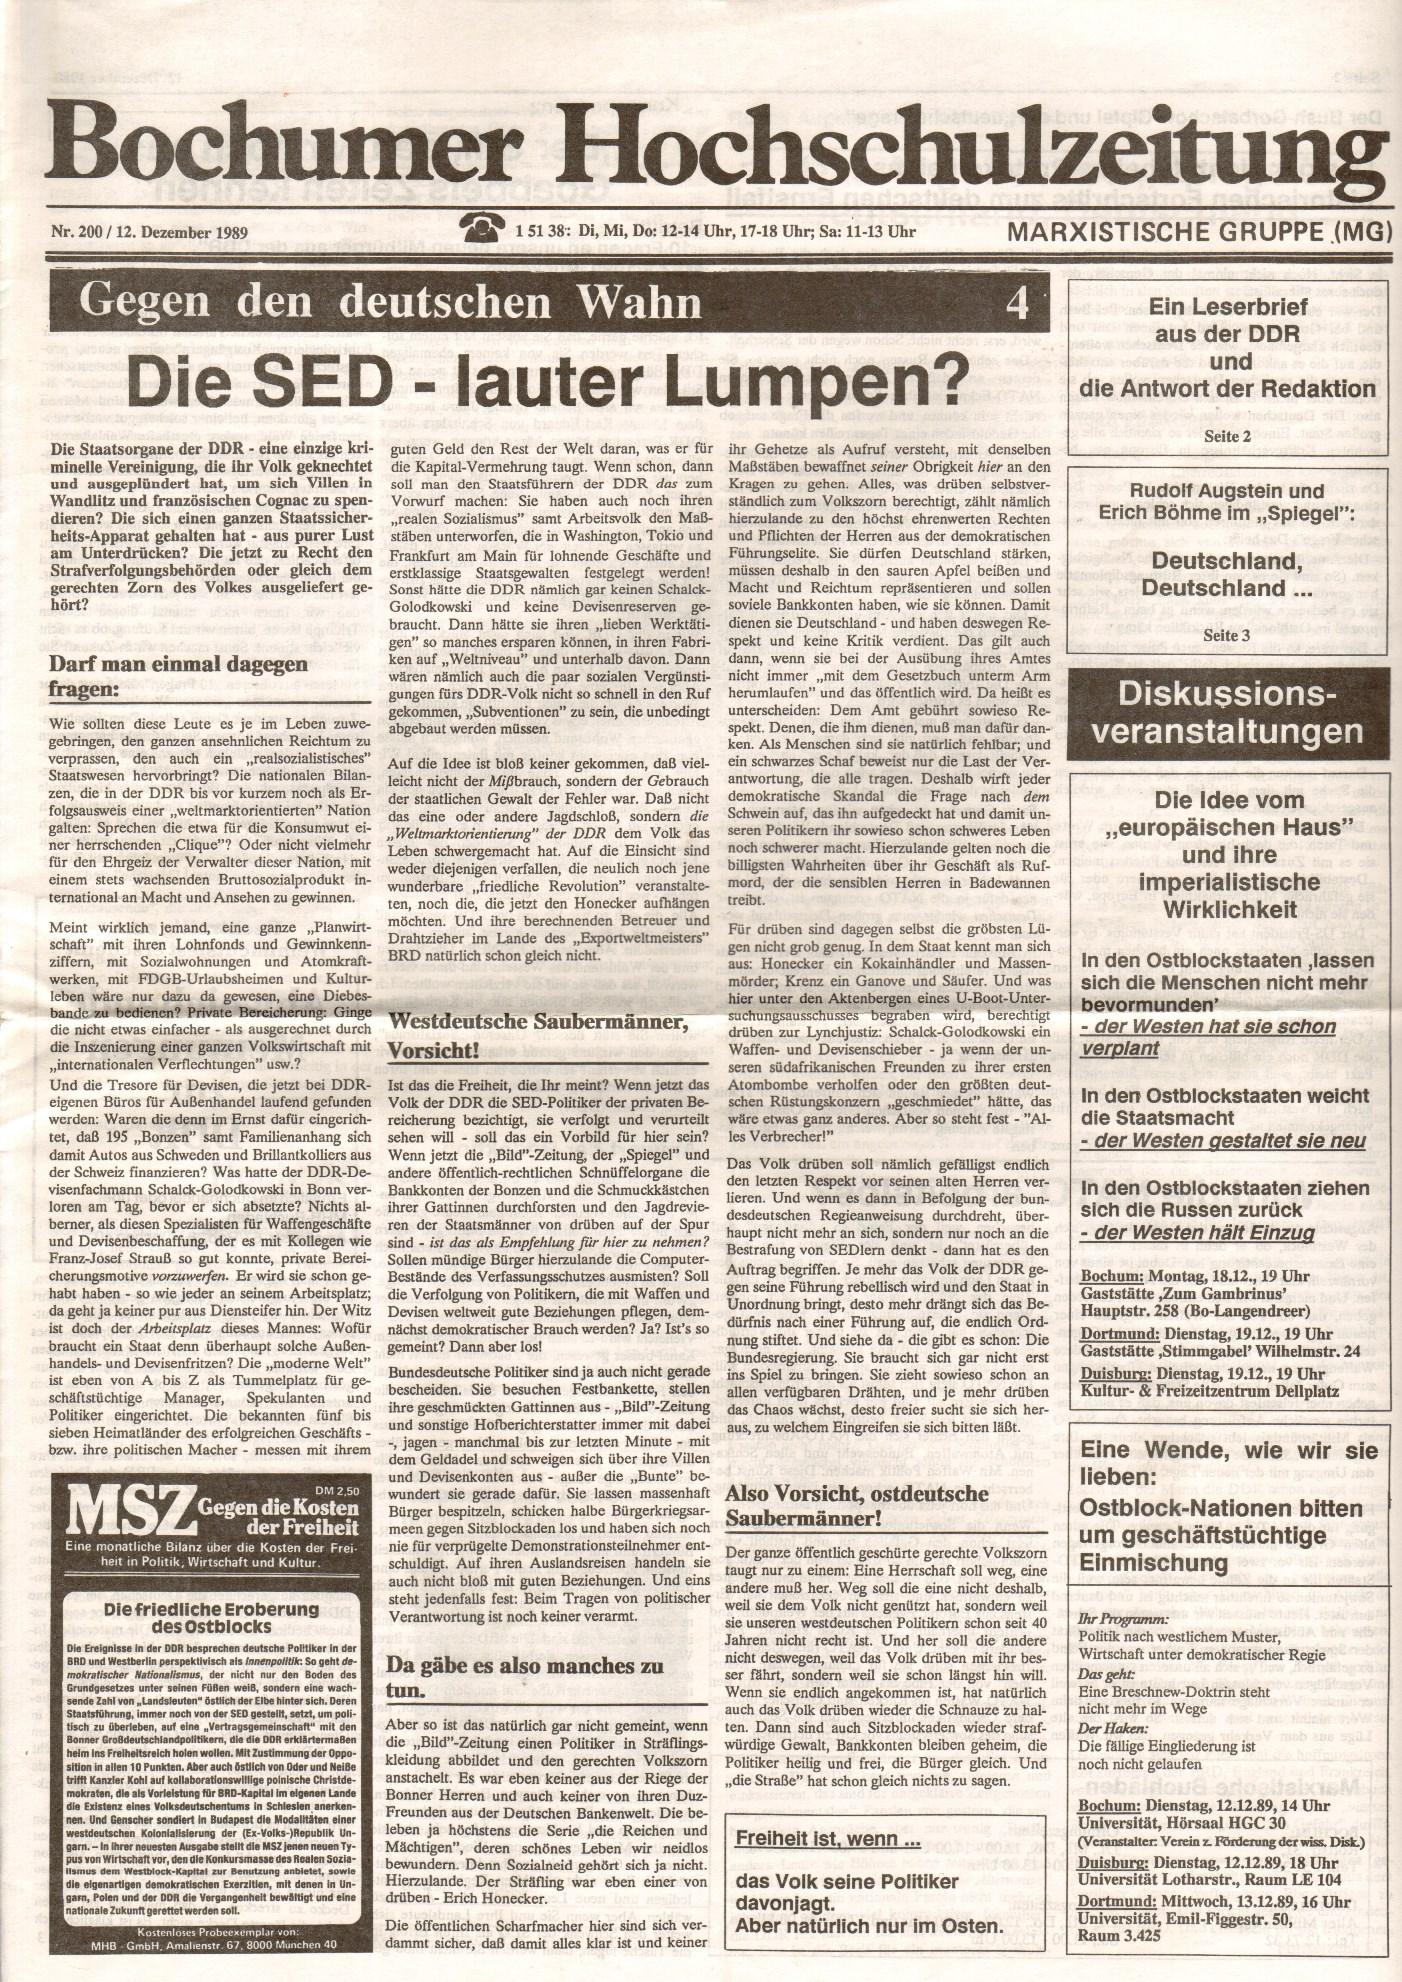 MG_Bochumer_Hochschulzeitung_19891212_01